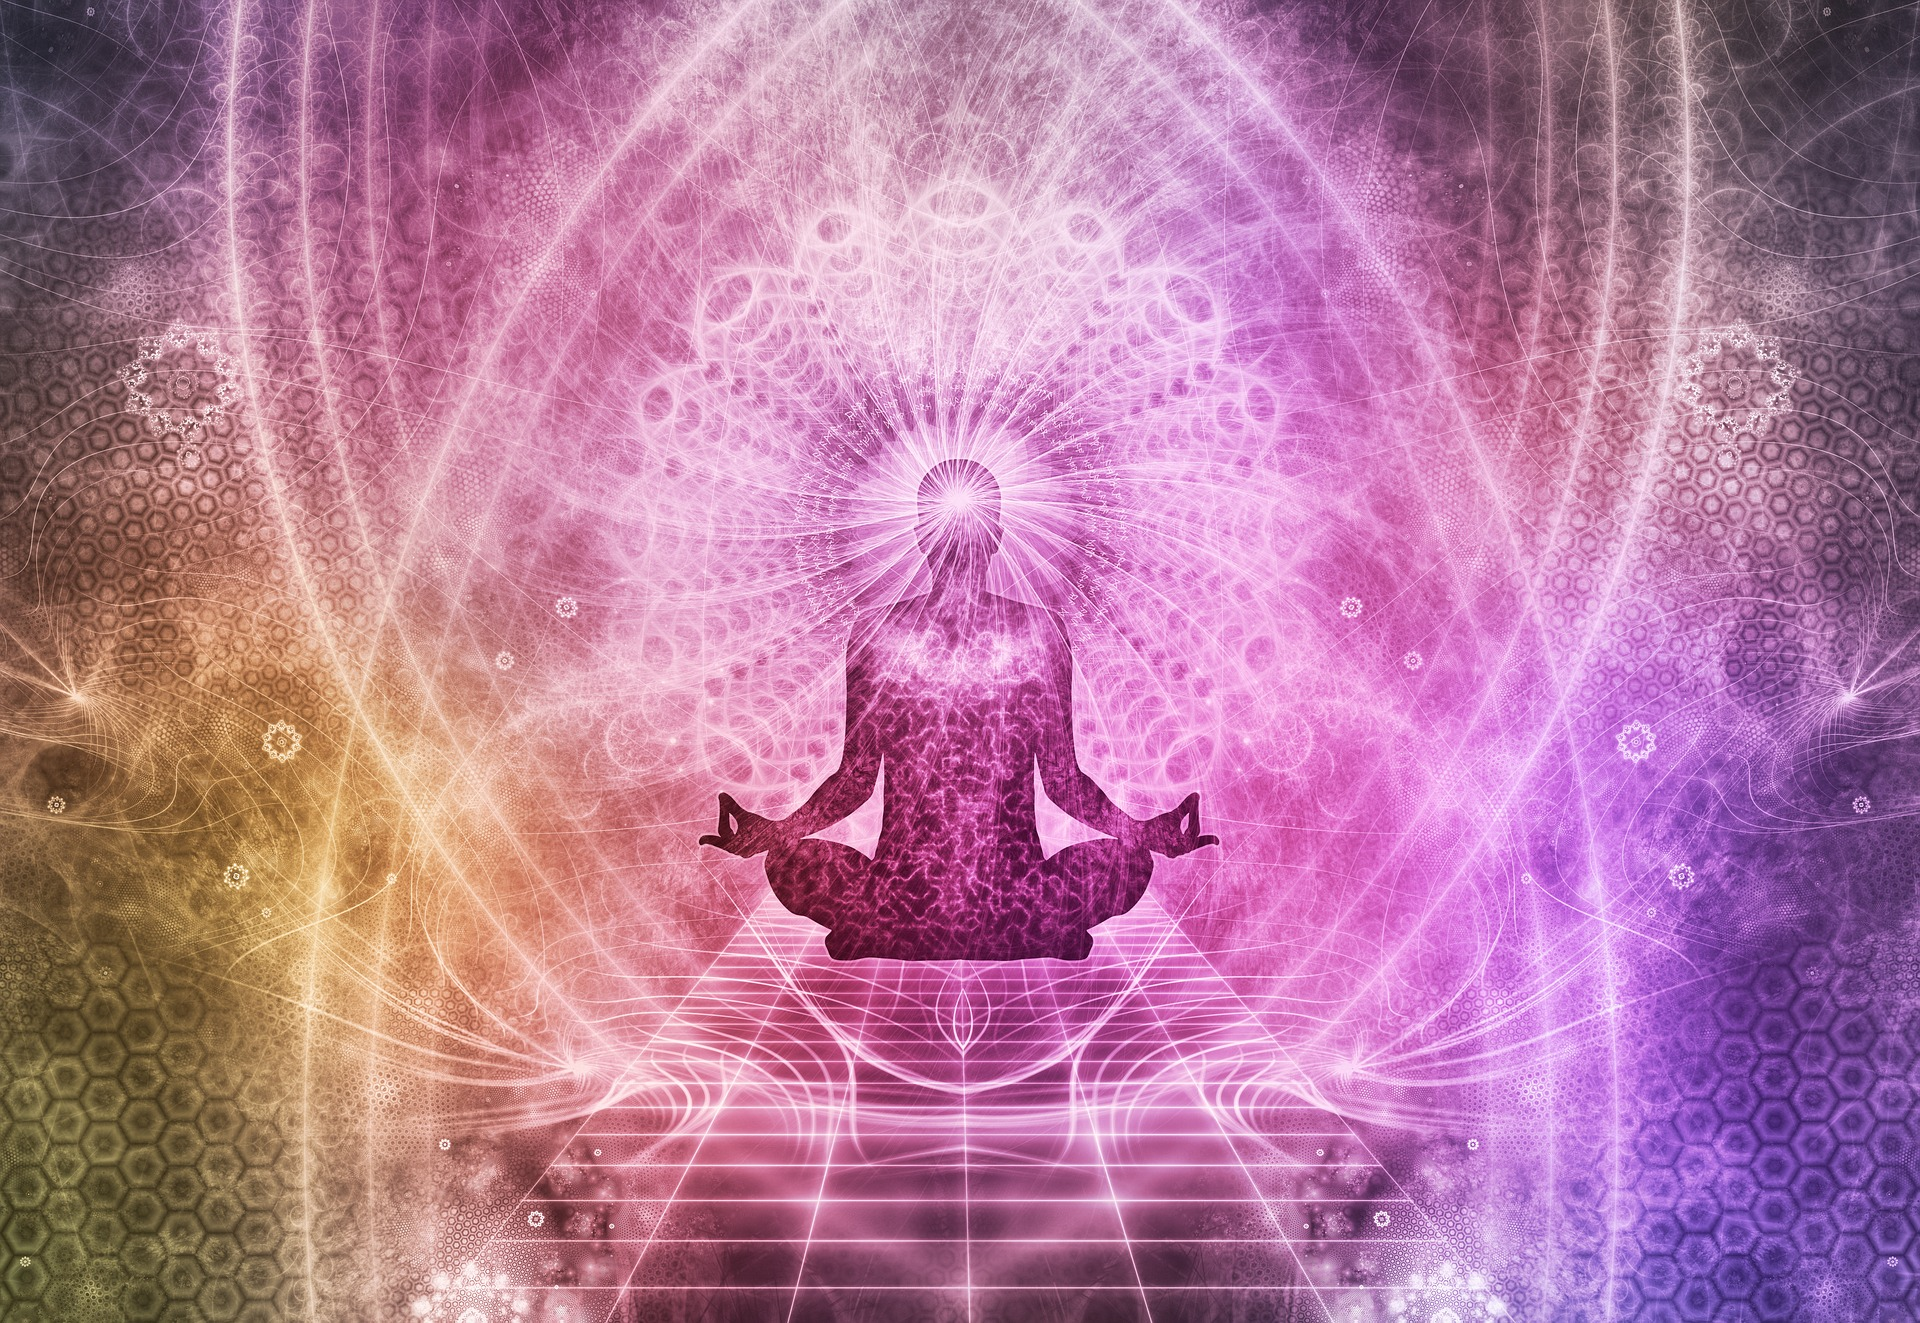 jen's meditation